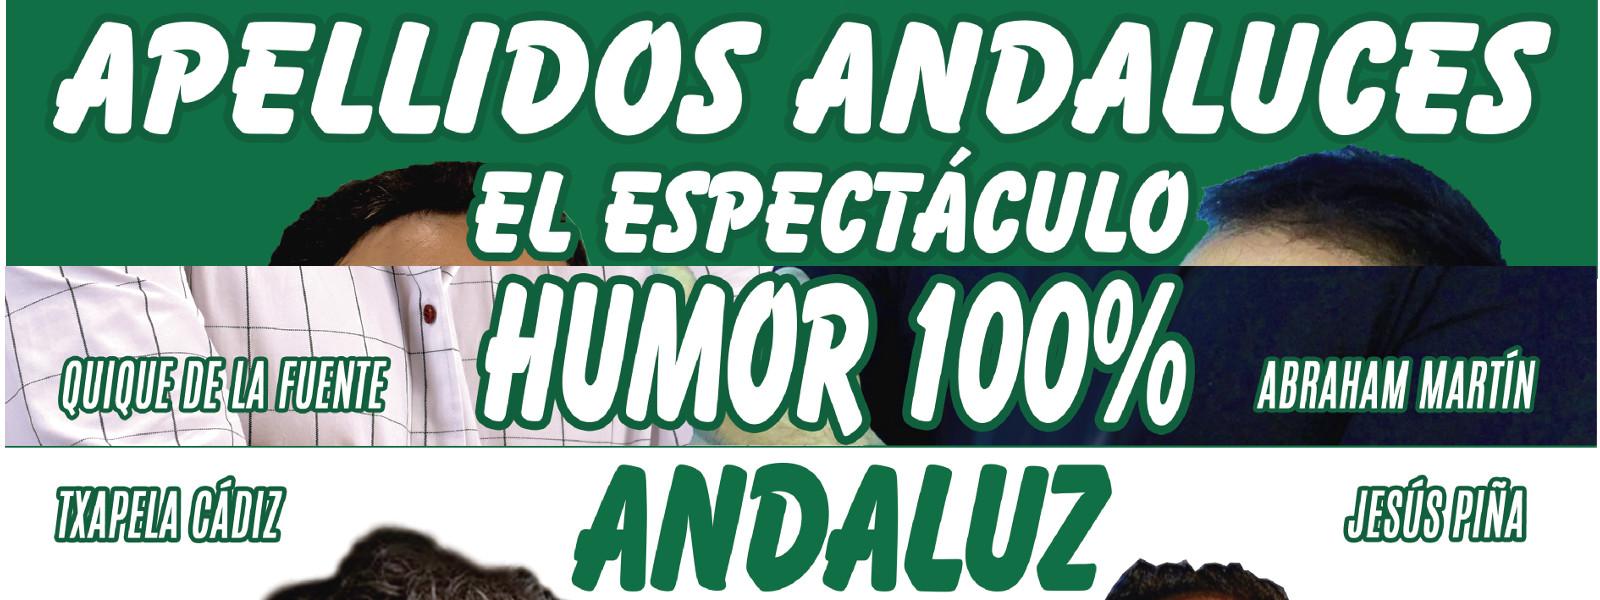 APELLIDOS ANDALUCES, EL ESPECTÁCULO